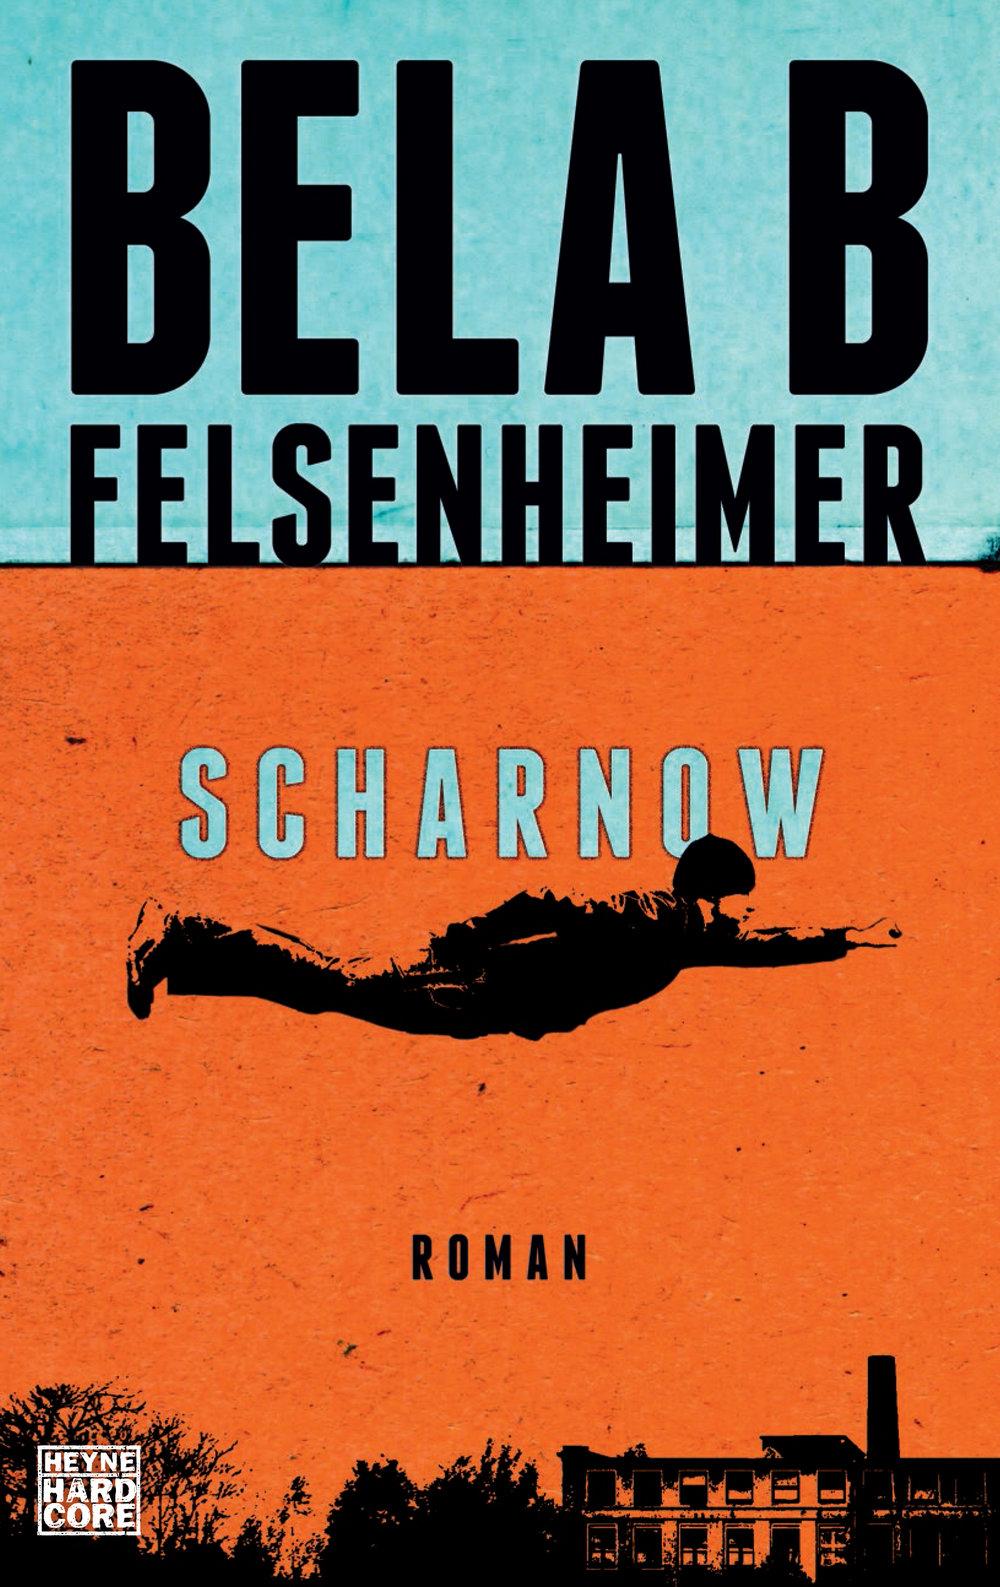 """SCHARNOW - In Scharnow, einem Dorf nördlich von Berlin, ist der Hund begraben. Scheinbar. Tatsächlich wird hier gerade die Welt gewendet: Schützen liegen auf der Lauer, um die Agenten einer Universalmacht zu vernichten, ein mordlustiges Buch richtet blutige Verheerung an, und mittendrin hat ein Pakt der Glücklichen plötzlich kein Bier mehr. Wenn sich dann ein syrischer Praktikant für ein Mangamädchen stark macht, ist auch die Liebe nicht weit.""""Scharnow"""", der Debütroman von Bela B Felsenheimer, erscheint am 25. Februar 2019 als gebundenes Buch, Hörbuch (gelesen vom Autor) und eBook bei Heyne Hardcore und ist überall vorbestellbar.SCHARNOW IST ÜBER(ALL)LESEREISE 201919.03.19 - Dresden - Scheune - TICKETS HIER20.03.19 - Halle - Objekt 5 - AUSVERKAUFT20.03.19 - Halle - Objekt 5 - ZUSATZLESUNG21.03.19 - Leipzig - Werk 2 - TICKETS HIER25.03.19 - Erfurt (Location folgt)27.03.19 - Münster - Cineplex - TICKETS HIER28.03.19 - Köln (Location folgt)29.03.19 - Essen - Zeche Carl - AUSVERKAUFT29.03.19 - Essen - Zeche Carl - ZUSATZLESUNG31.03.19 - München - Münchner Volkstheater - TICKETS HIER03.04.19 - Mannheim - Alte Feuerwache - TICKETS HIER05.04.19 - Berlin - Pfefferberg Theater - AUSVERKAUFT05.04.19 - Berlin - Pfefferberg Theater - ZUSATZLESUNG AUSVERKAUFT08.04.19 - Frankfurt a. M. - Mousonturm - TICKETS HIER09.04.19 - Bremen - Modernes - TICKETS HIER10.04.19 - Hamburg - Uebel und Gefährlich - RESTTICKETS HIER… weitere Termine folgen. Mehr Infos hier."""